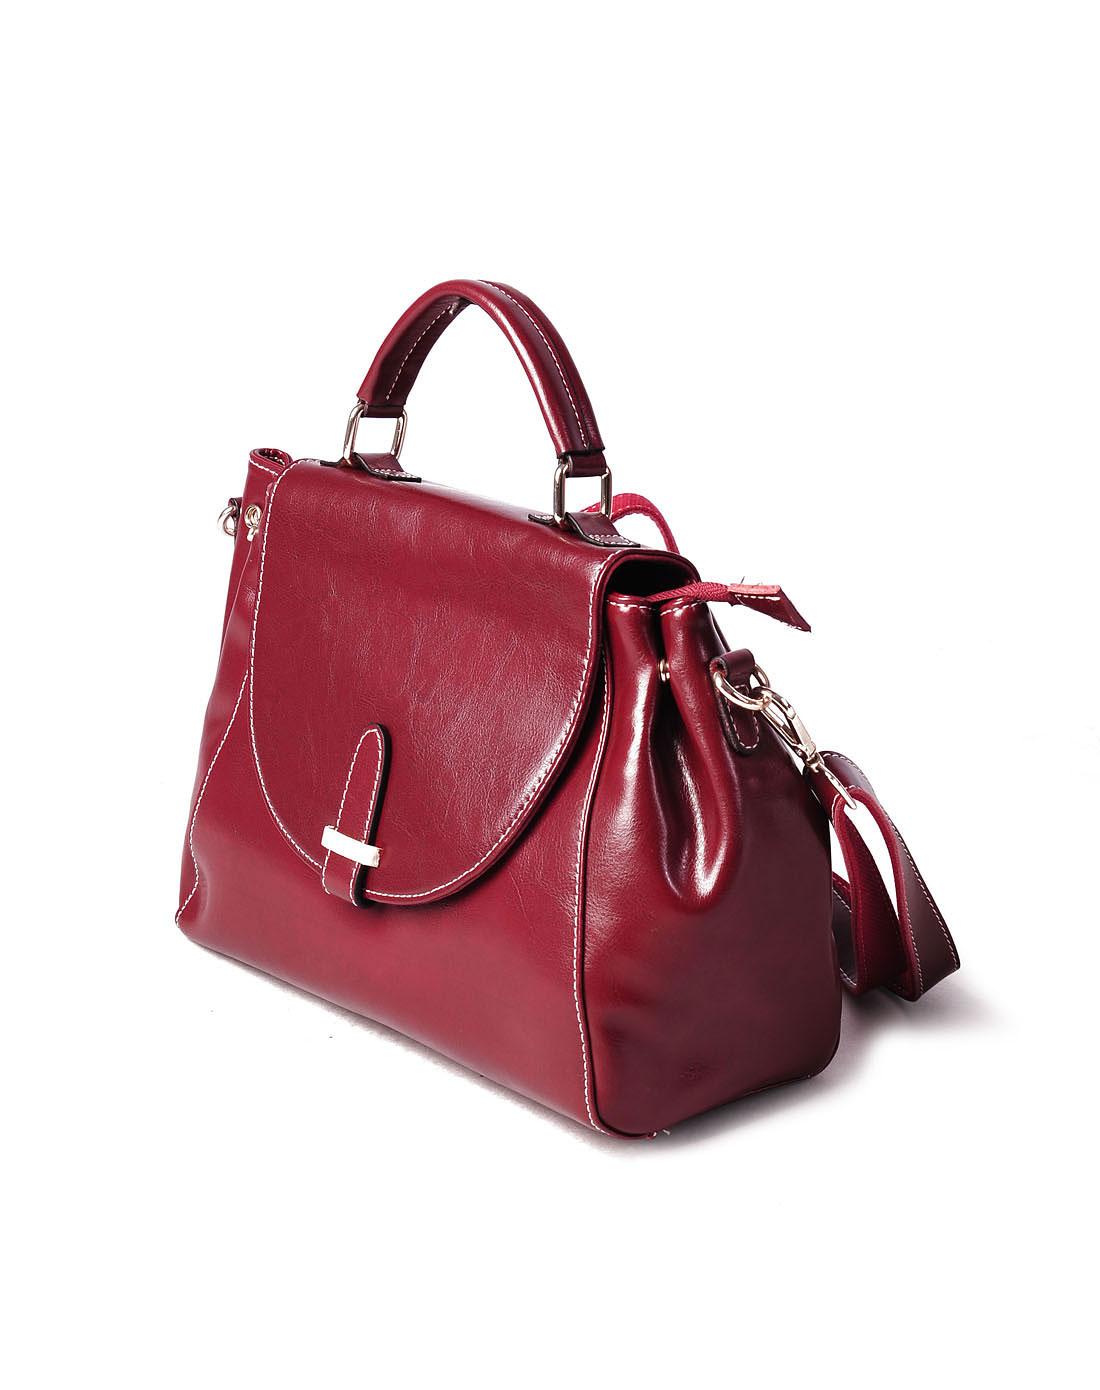 酒红色时尚复古潮流手提单肩斜挎包